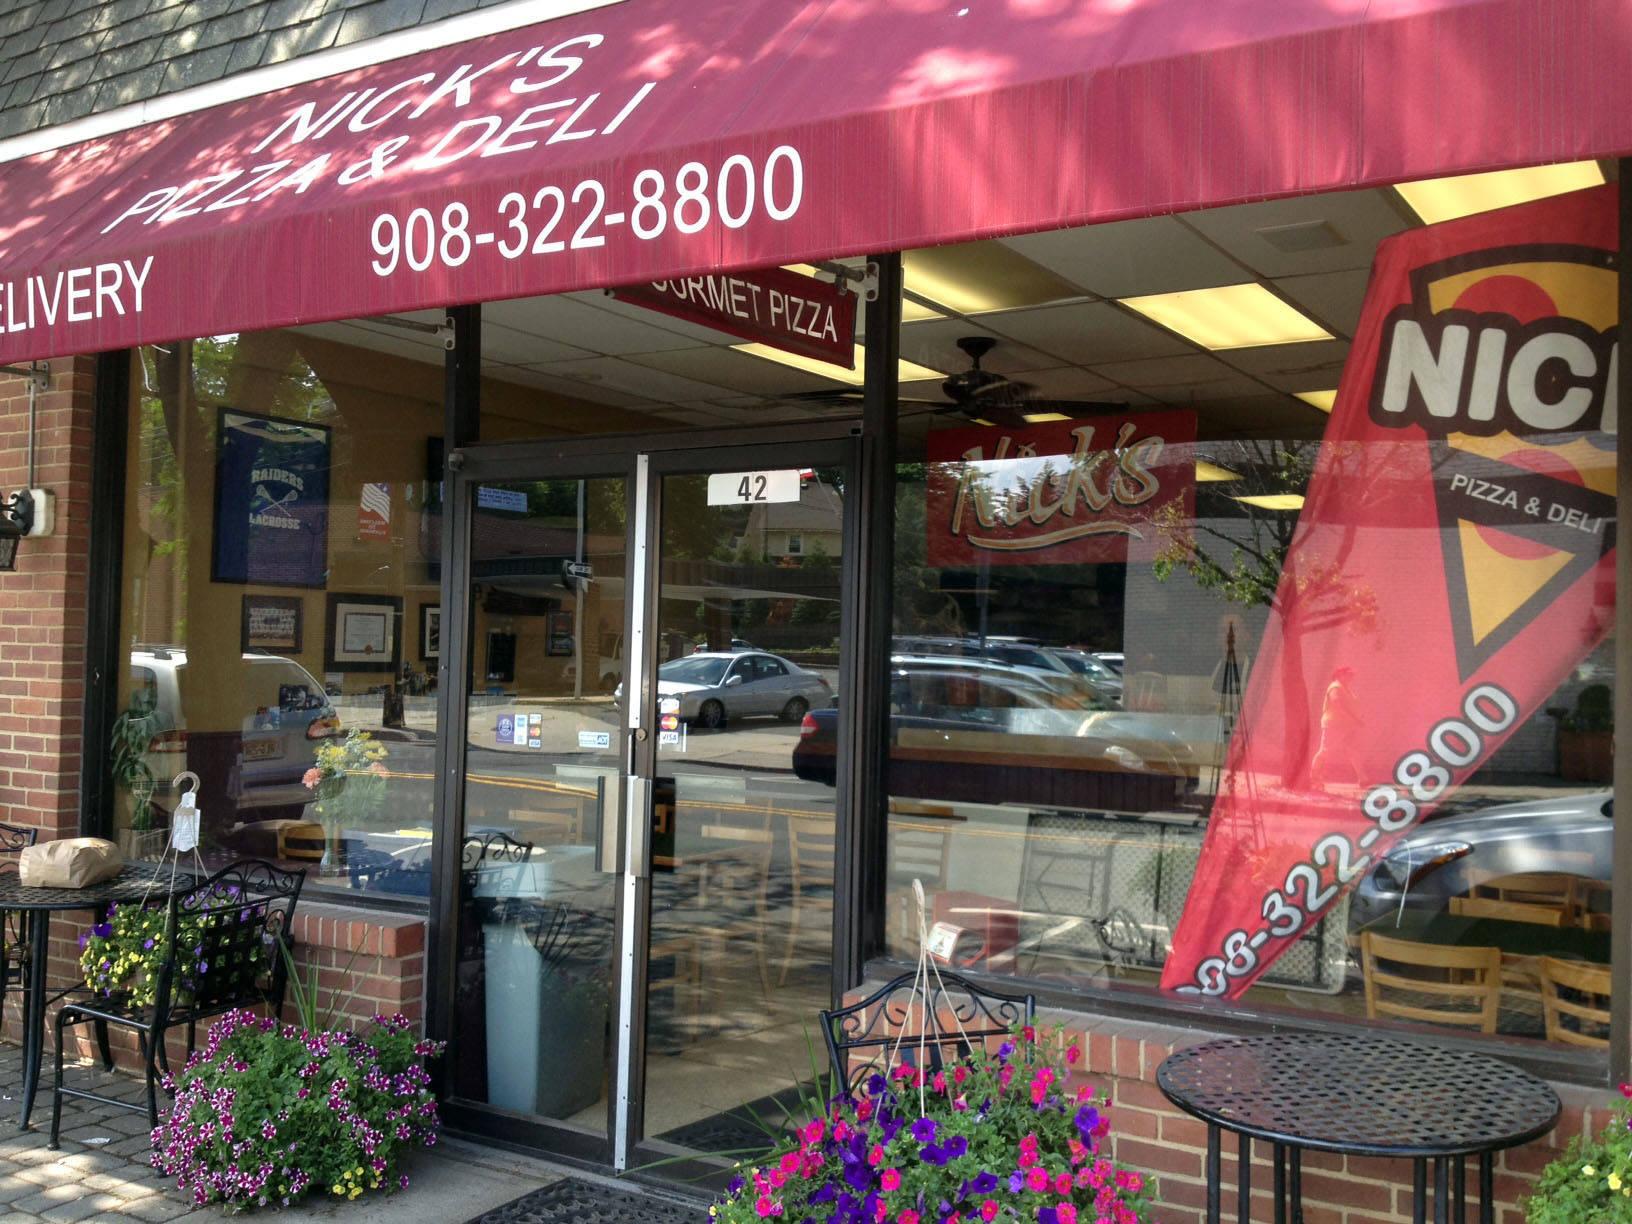 bf07d53dbd01617e5dc9_Nick_s_Pizza_outside.jpg